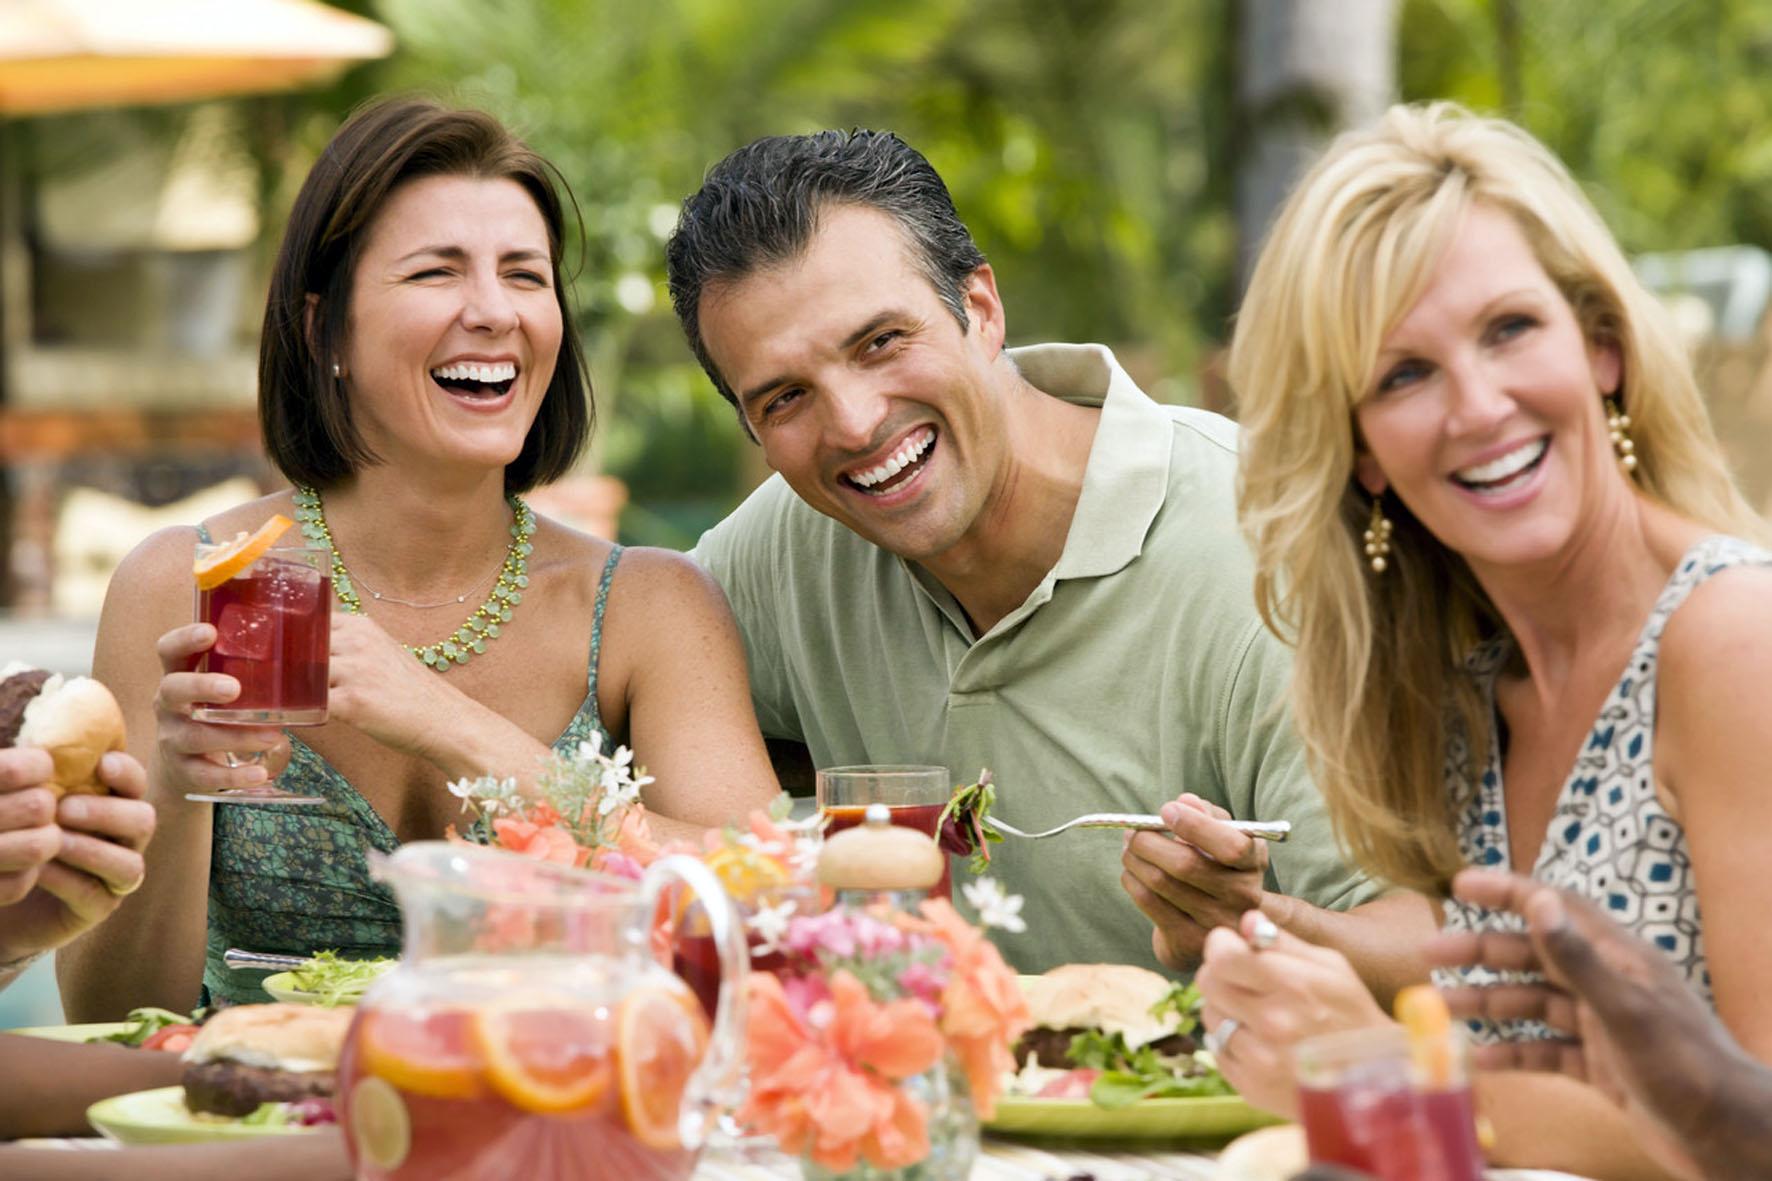 Wer trotz kontrollierten Essverhaltens nicht abnimmt, sollte den Kaloriengehalt von Getränken im Auge behalten.